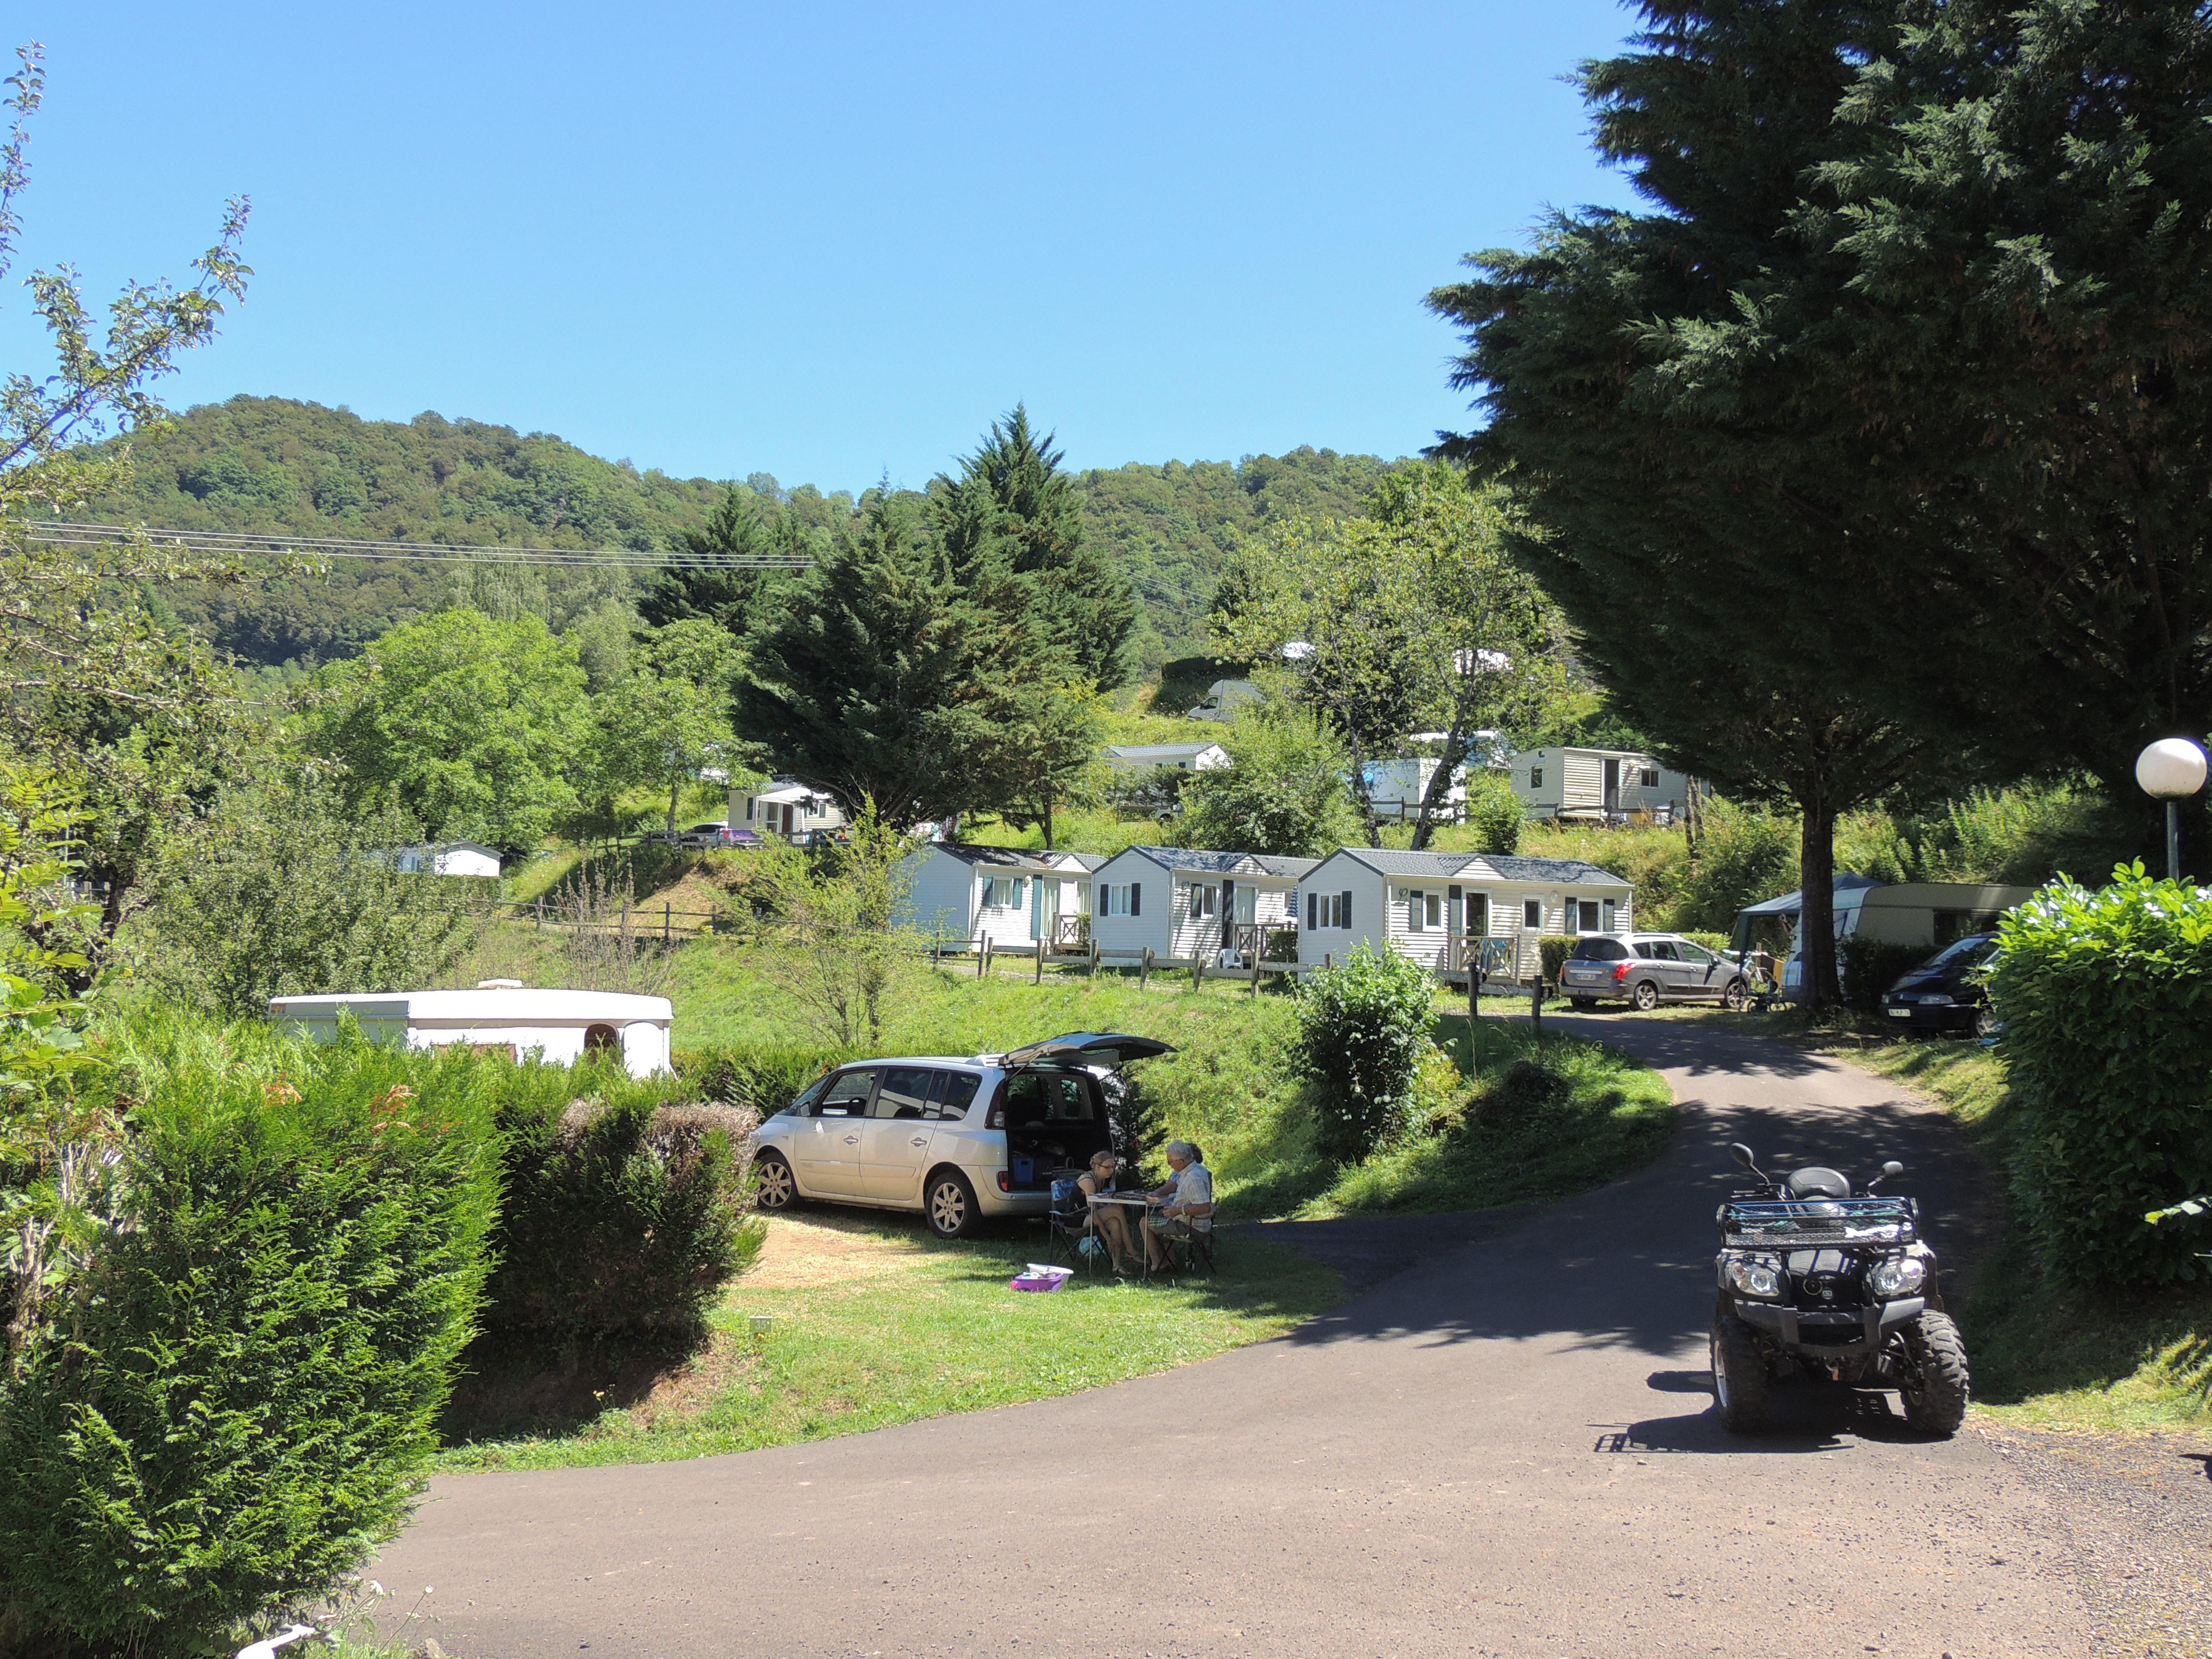 Camping La Pommeraie, Vic-sur-Cère, Cantal